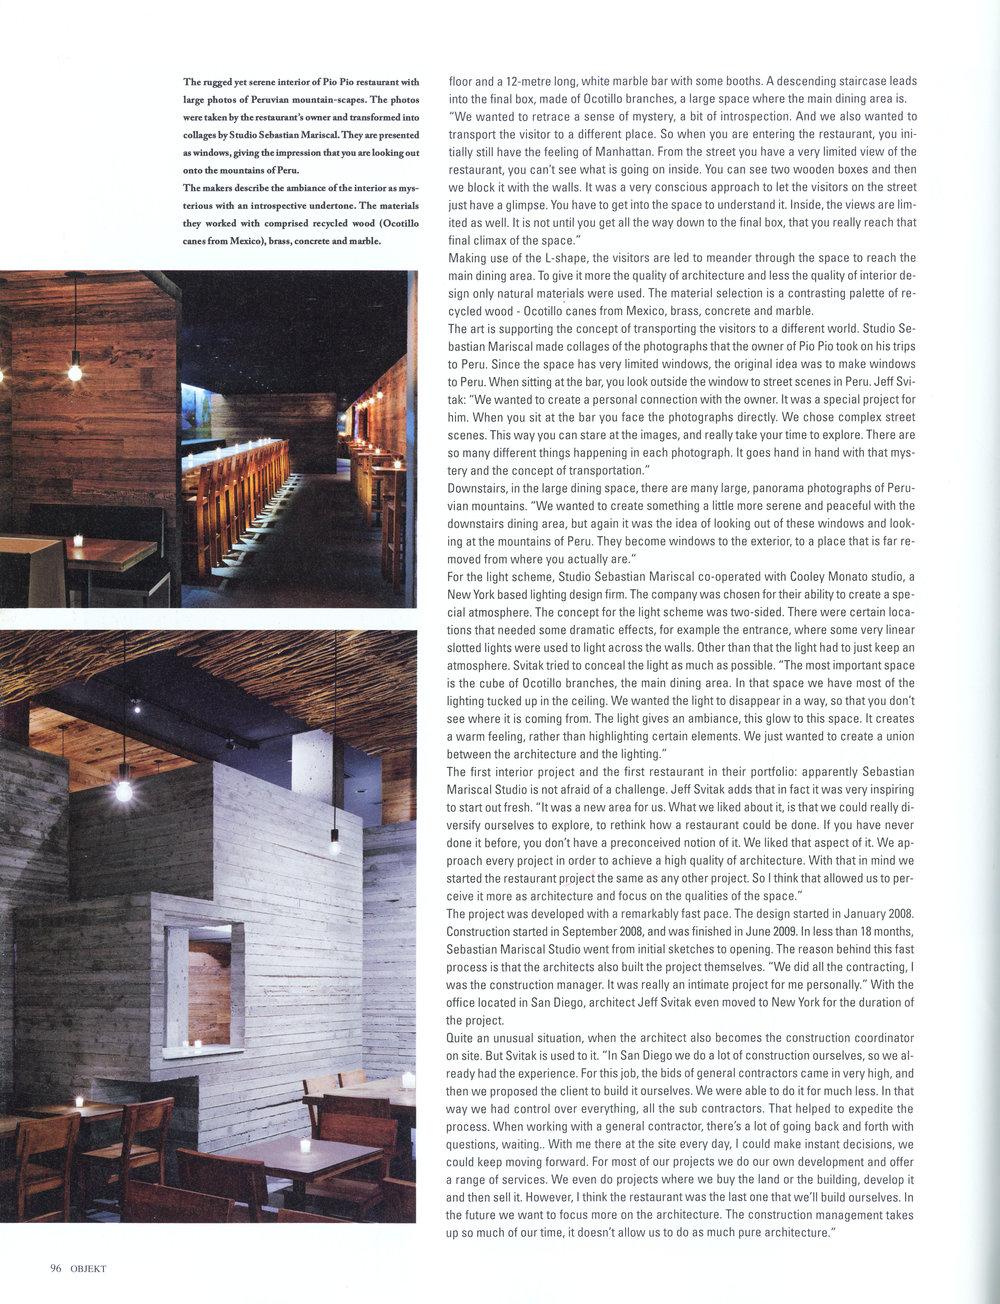 OBJEKT article2a_2010.jpg